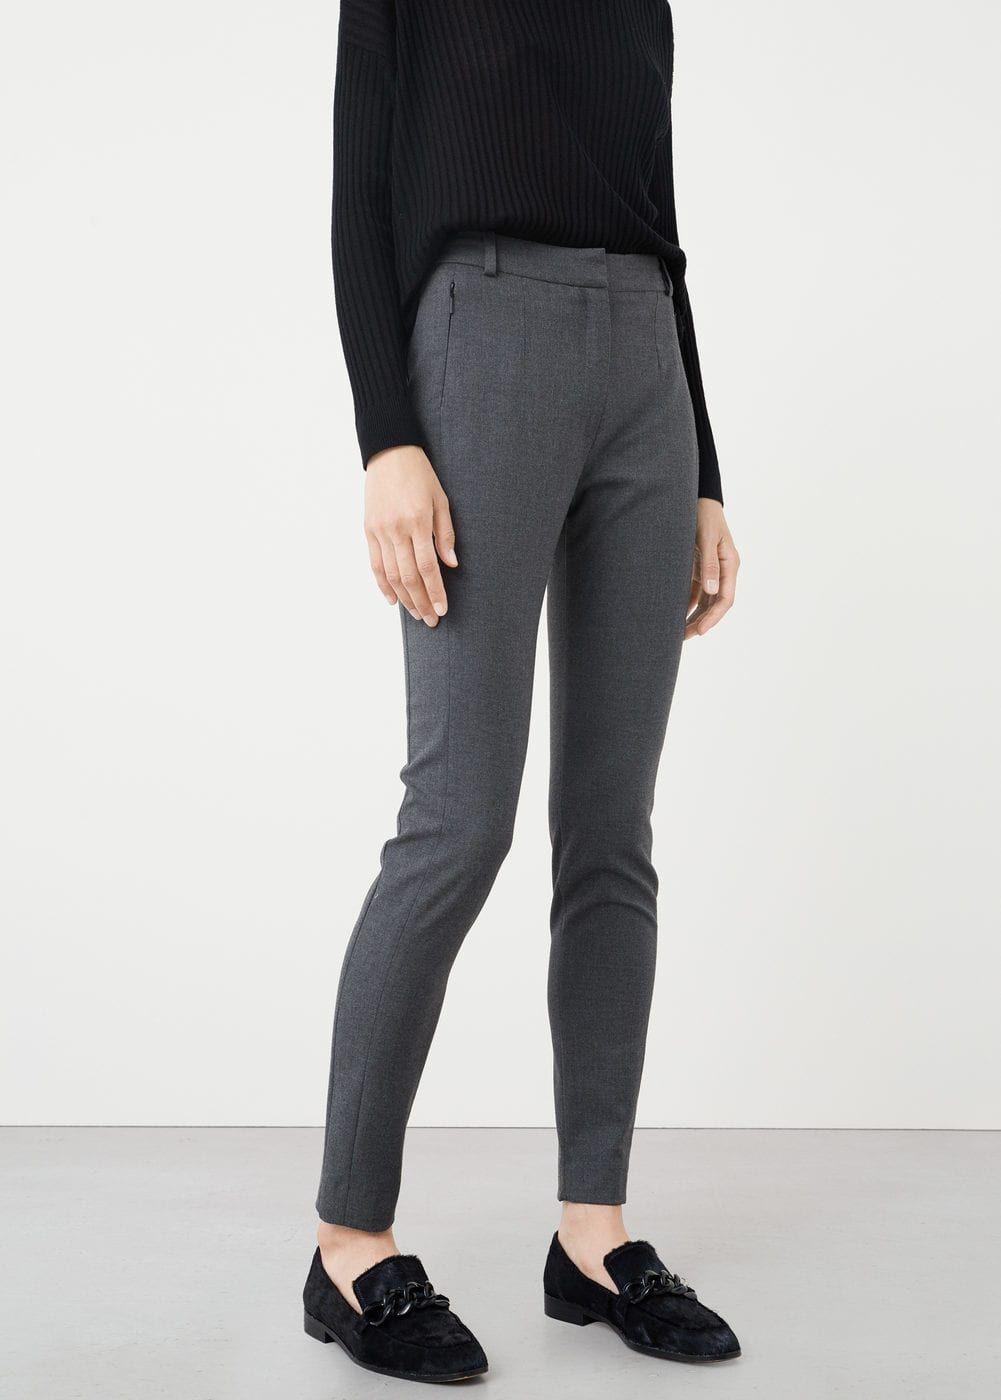 61879a5c77c85 Костюмные брюки-дудочки - Женская in 2019